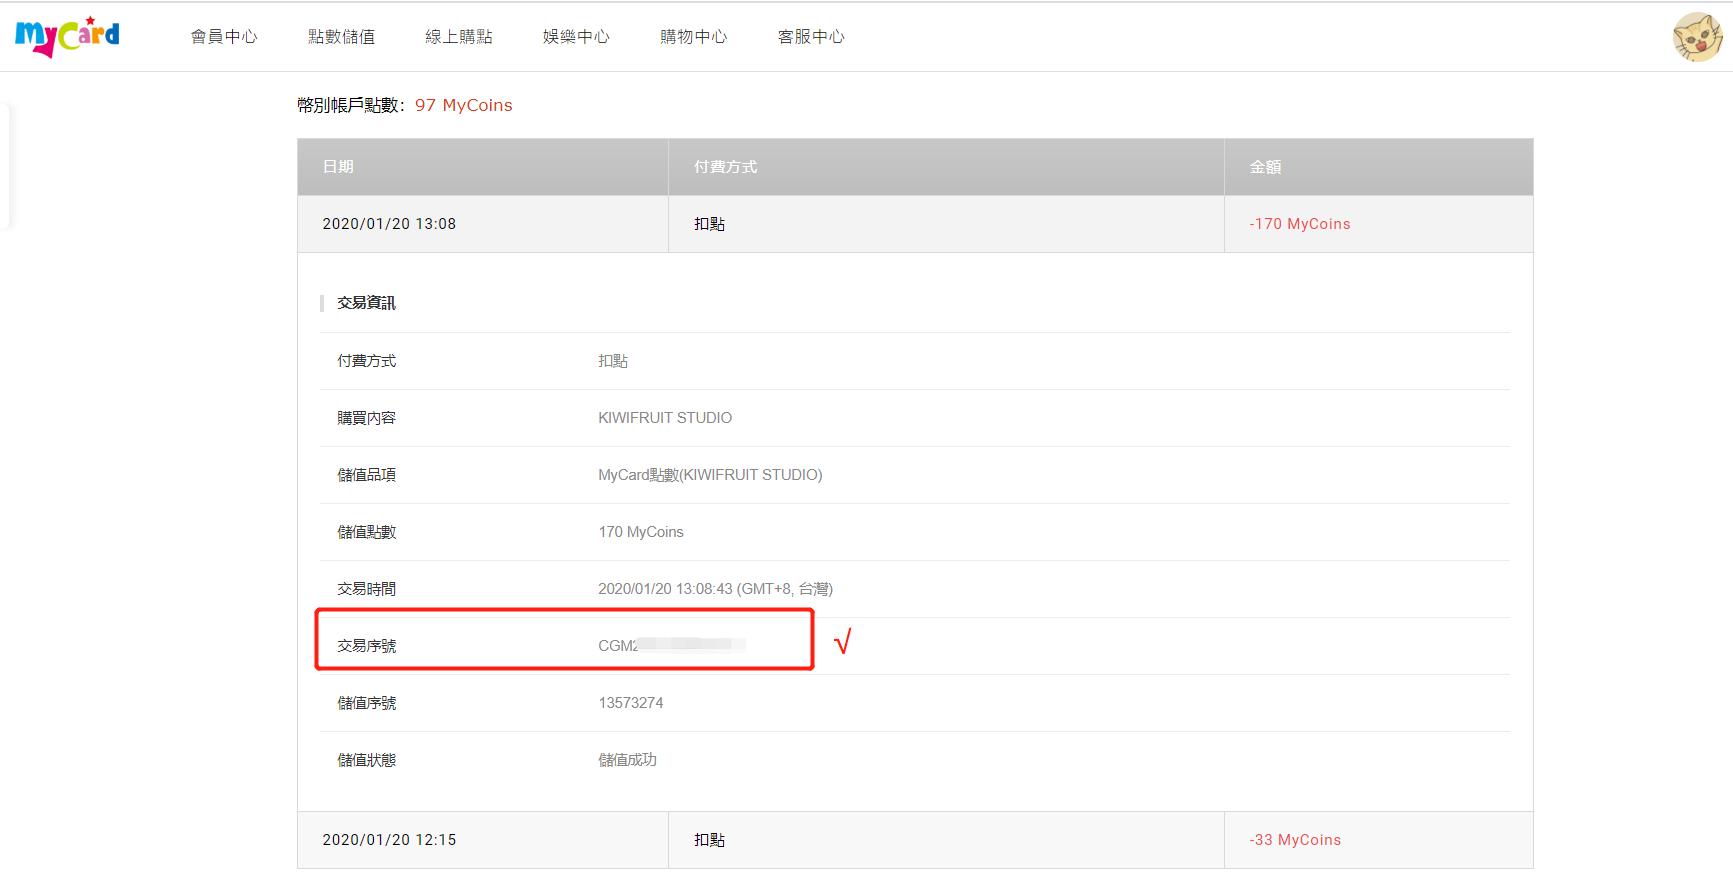 Mycard儲值活動詳細流程指南-交易序号.png